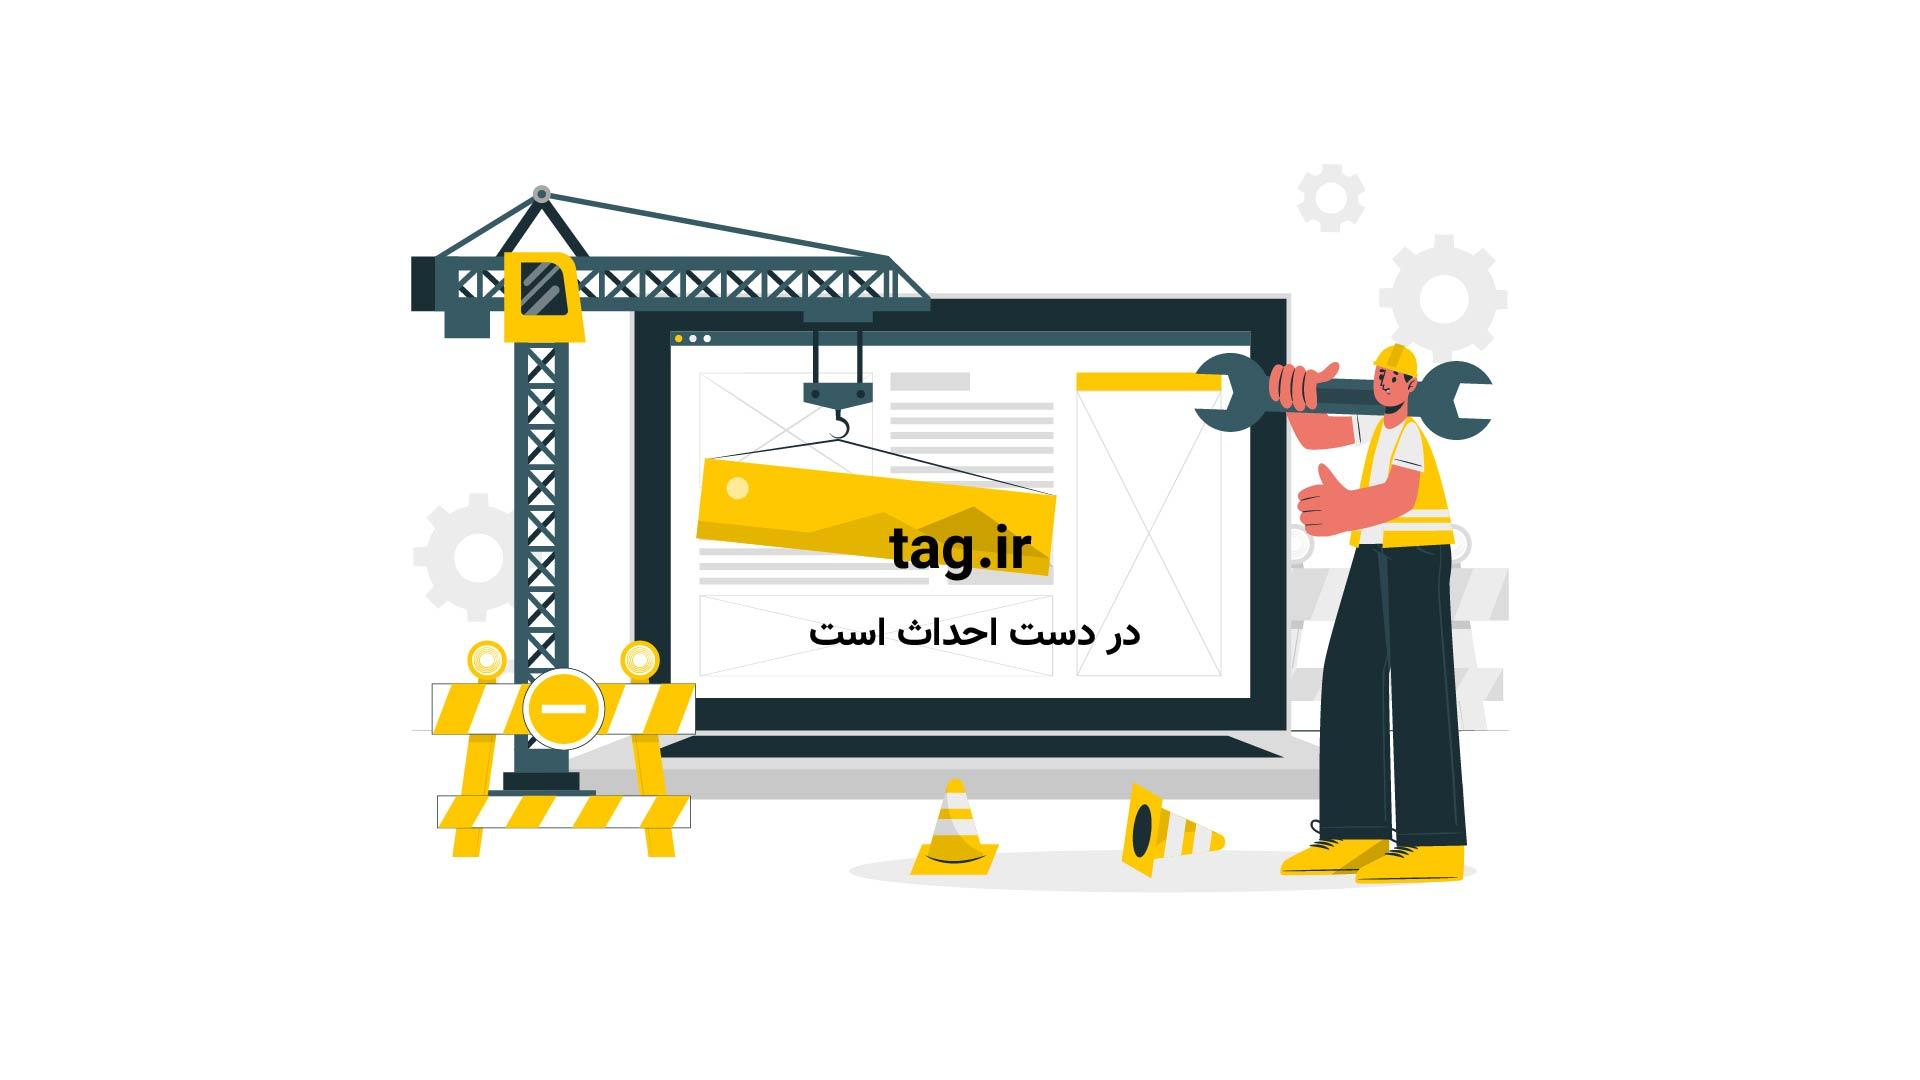 روضه خوانی سردار در چادر فرماندهی لشکر | تگ